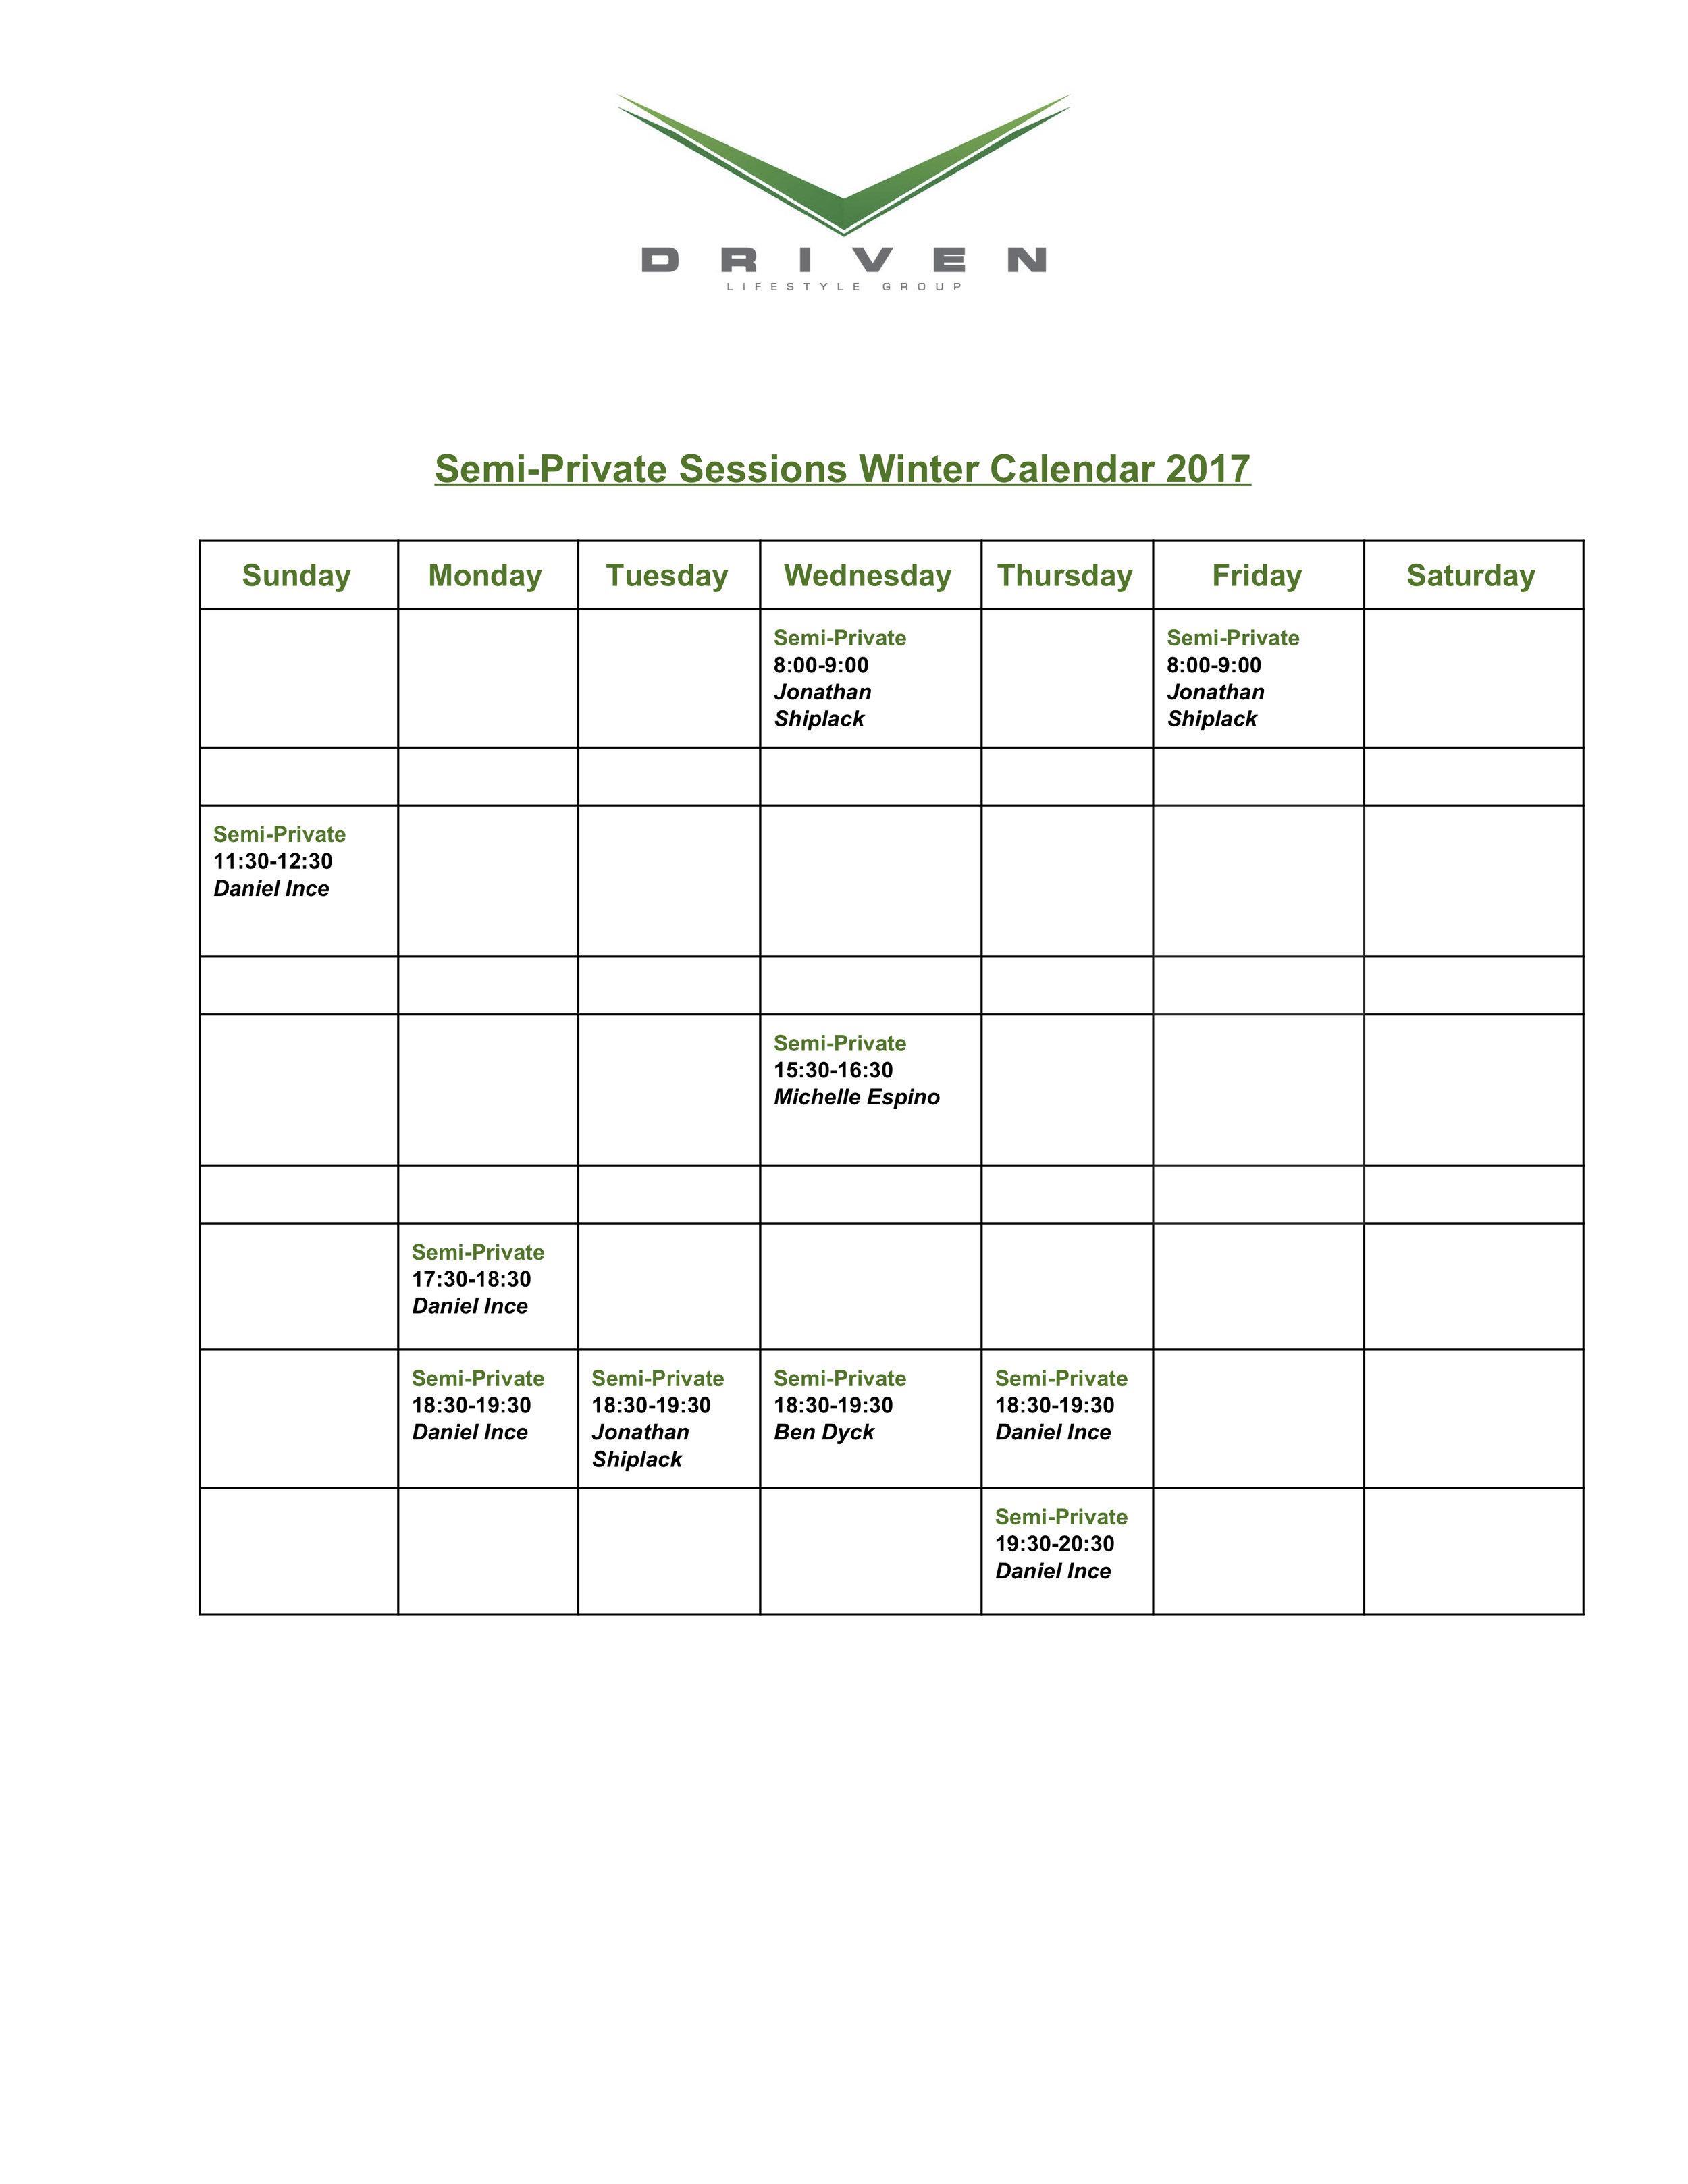 Winter Semi-Private Calendar 2017 .jpg